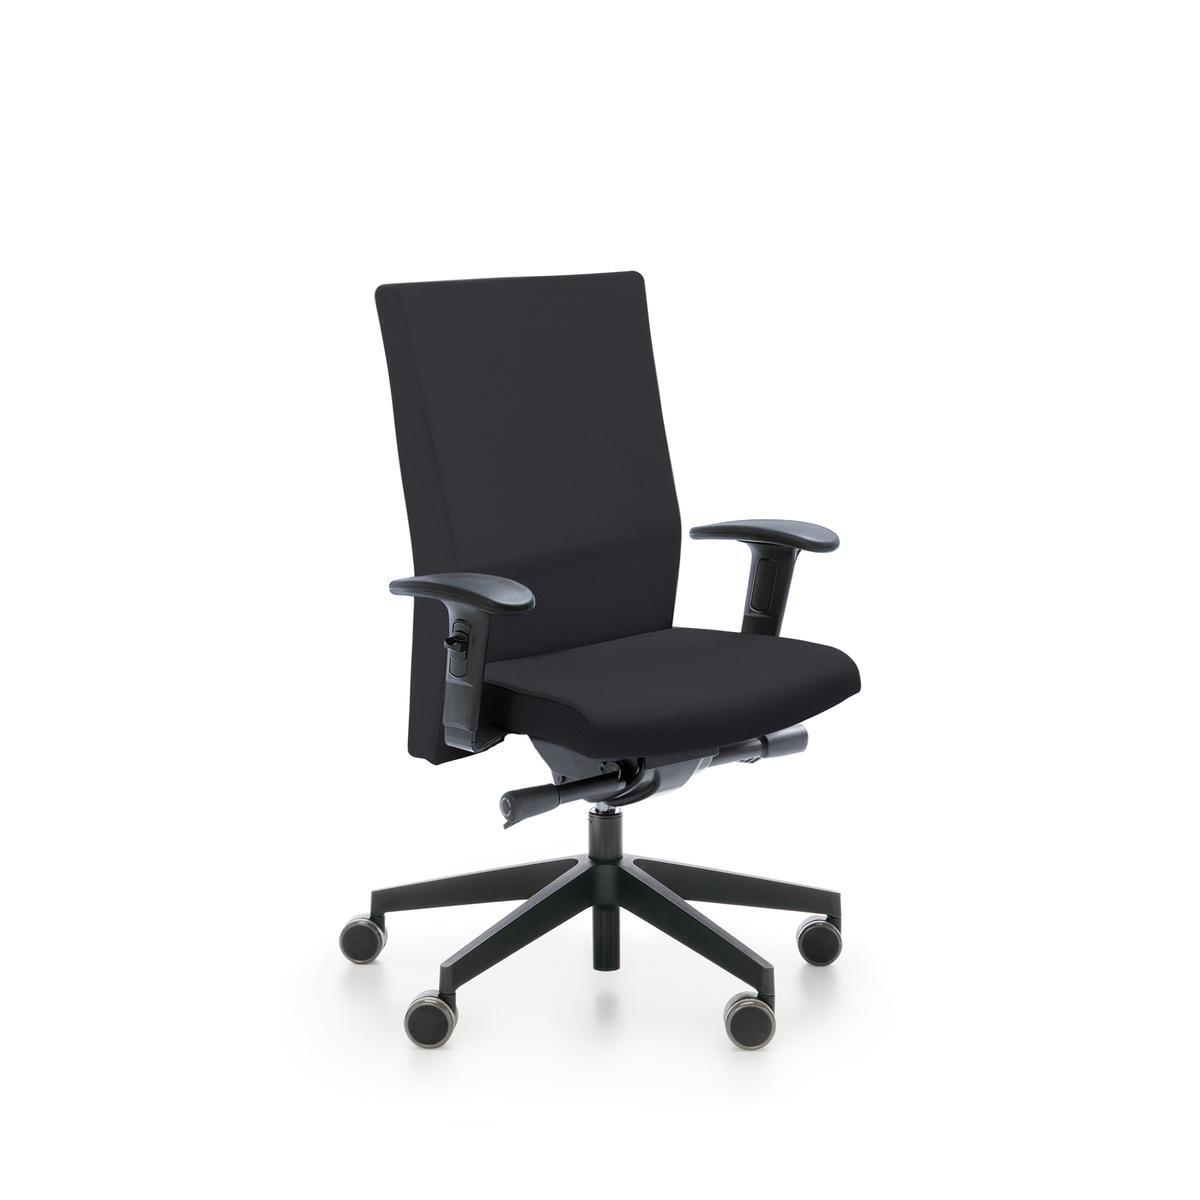 Kancelárska stolička Playa